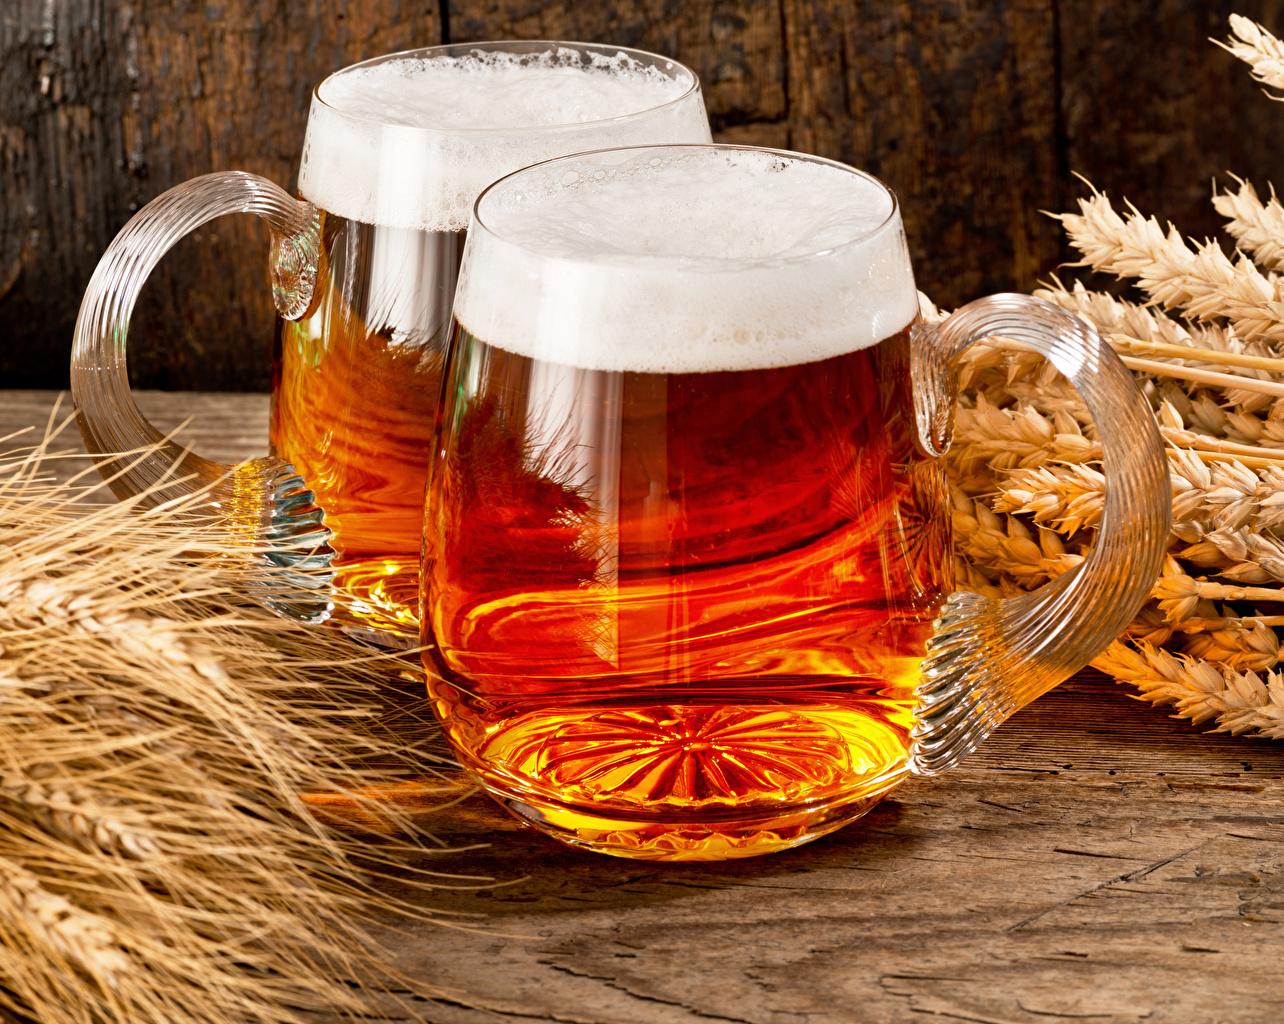 удивительные факты о пиве